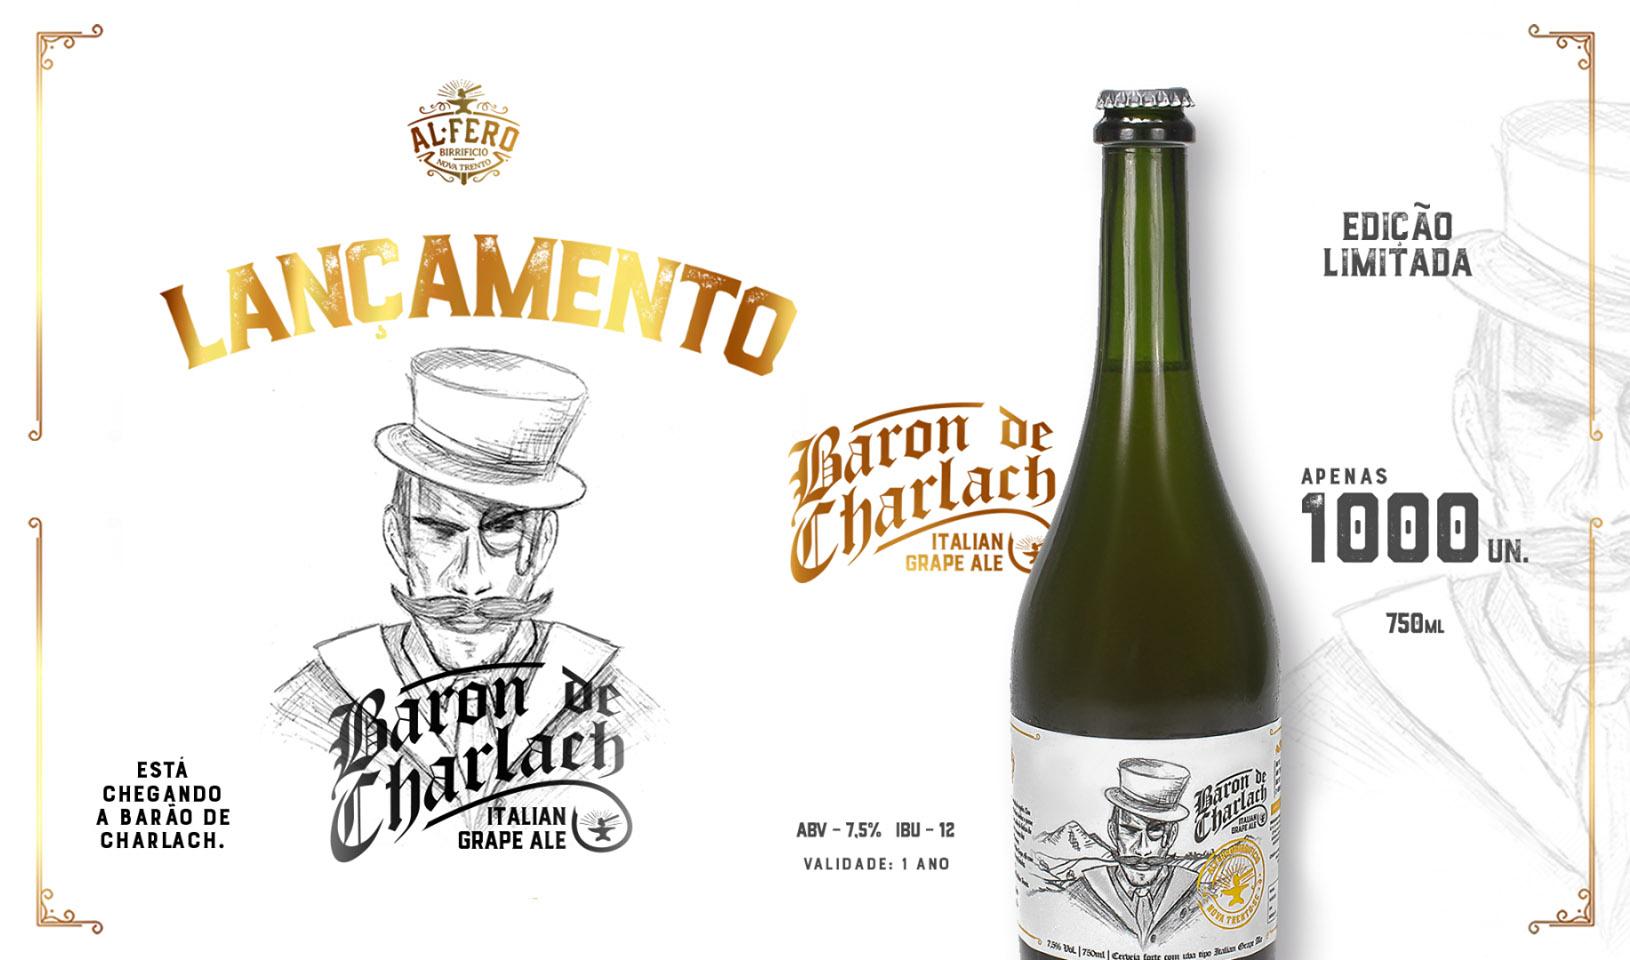 Nova cerveja da Al Fero homenageia Nova Trento | O Trentino